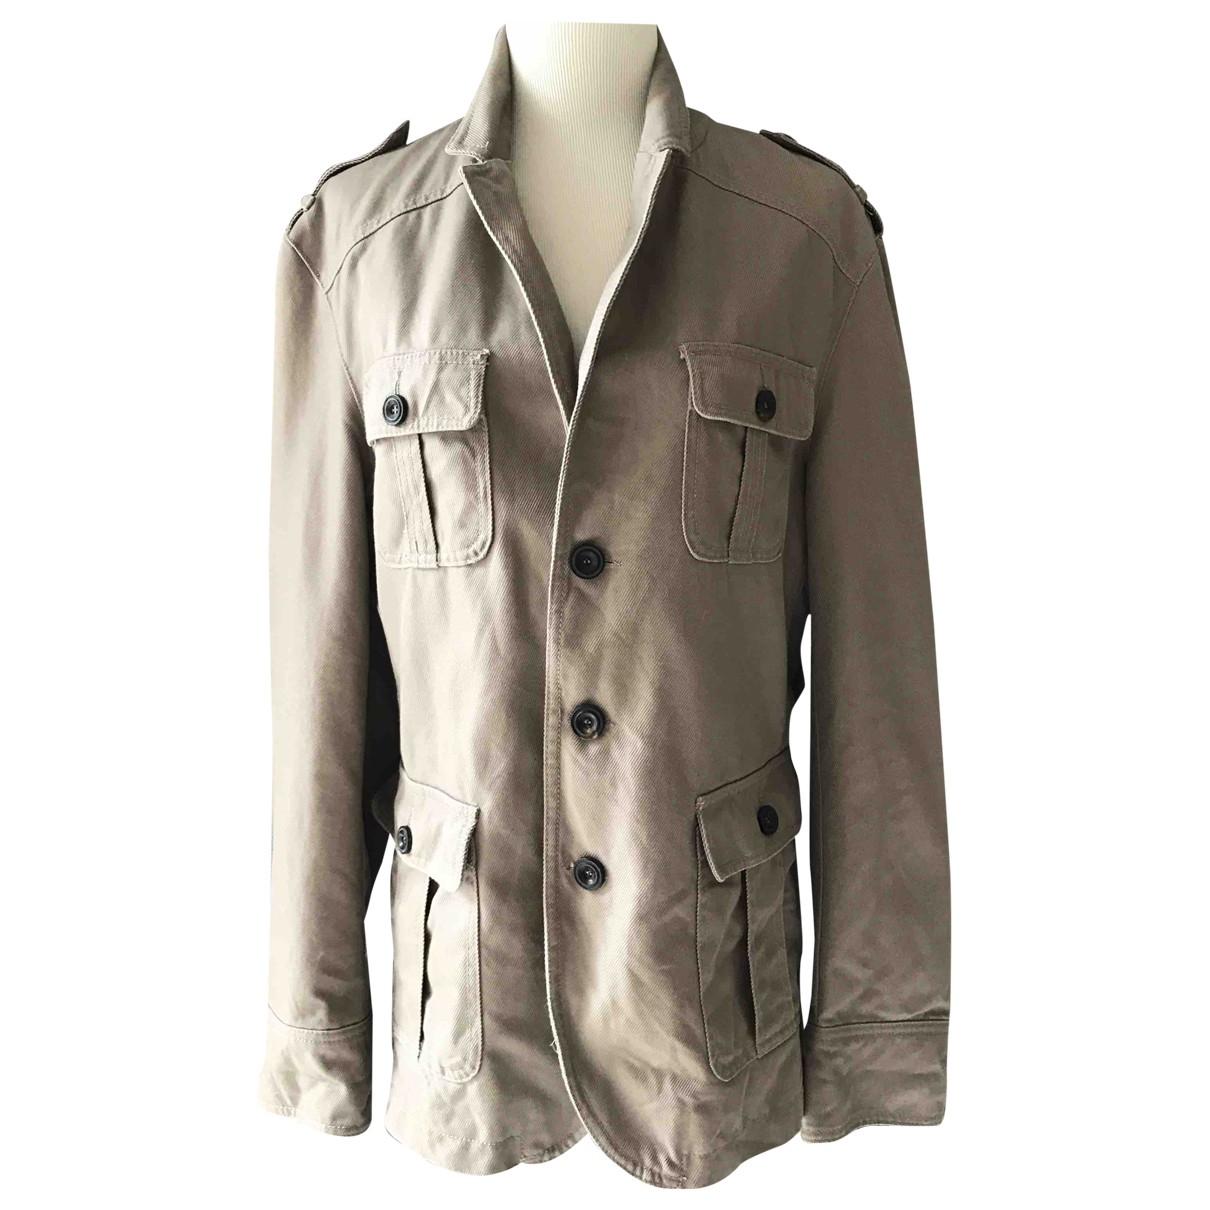 Zara - Vestes.Blousons   pour homme en lin - beige